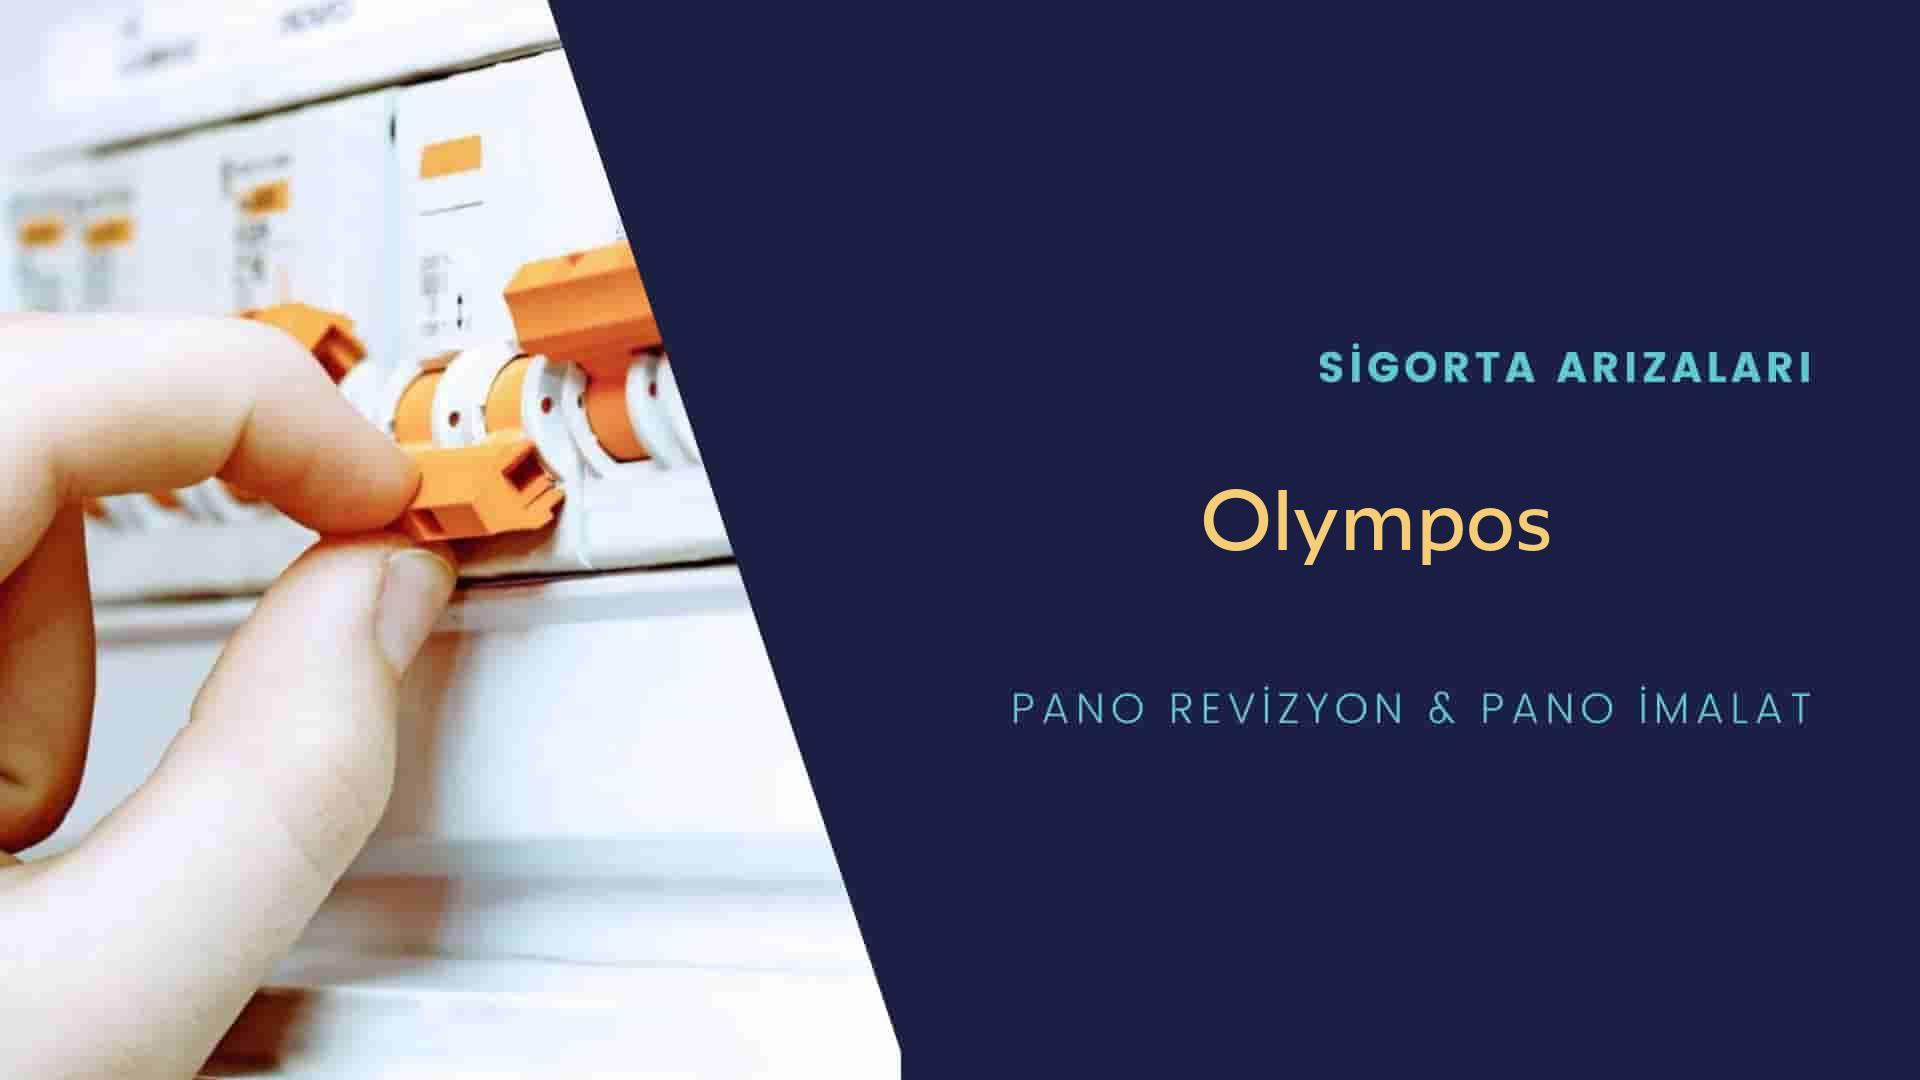 Olympos Sigorta Arızaları İçin Profesyonel Elektrikçi ustalarımızı dilediğiniz zaman arayabilir talepte bulunabilirsiniz.